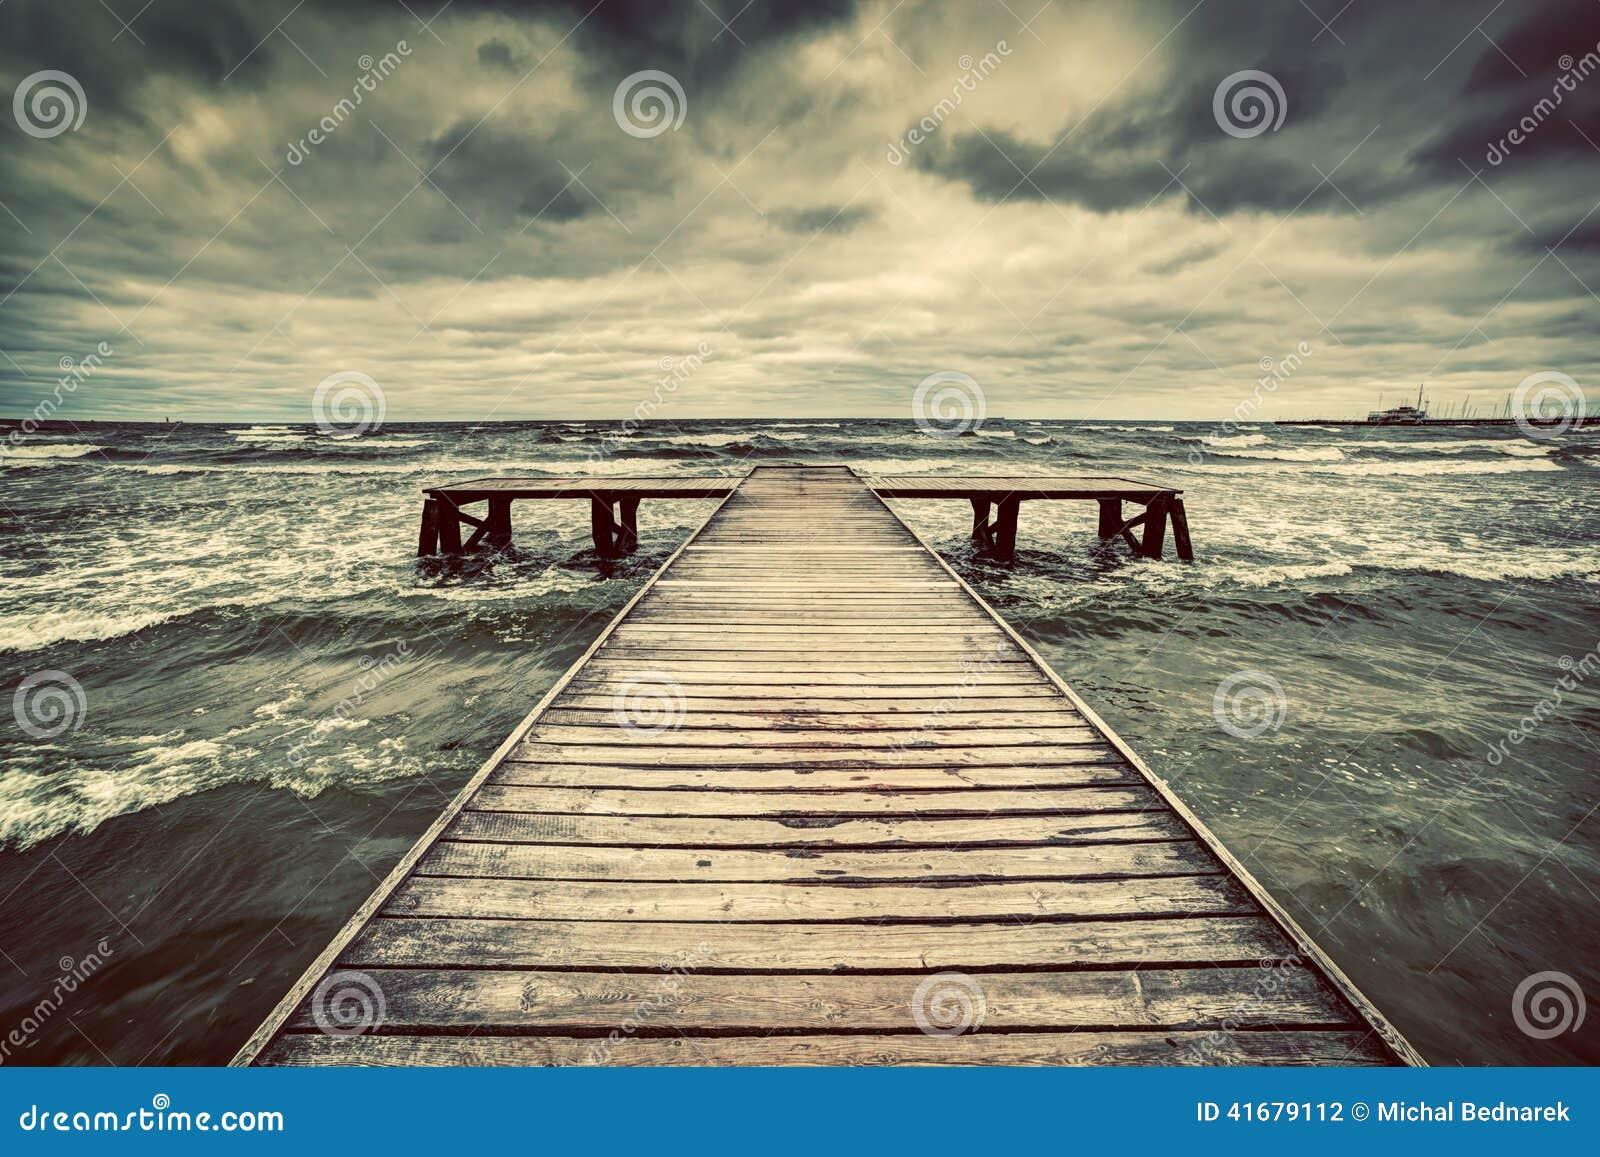 Embarcadero de madera viejo durante tormenta en el mar Cielo dramático con las nubes oscuras, pesadas